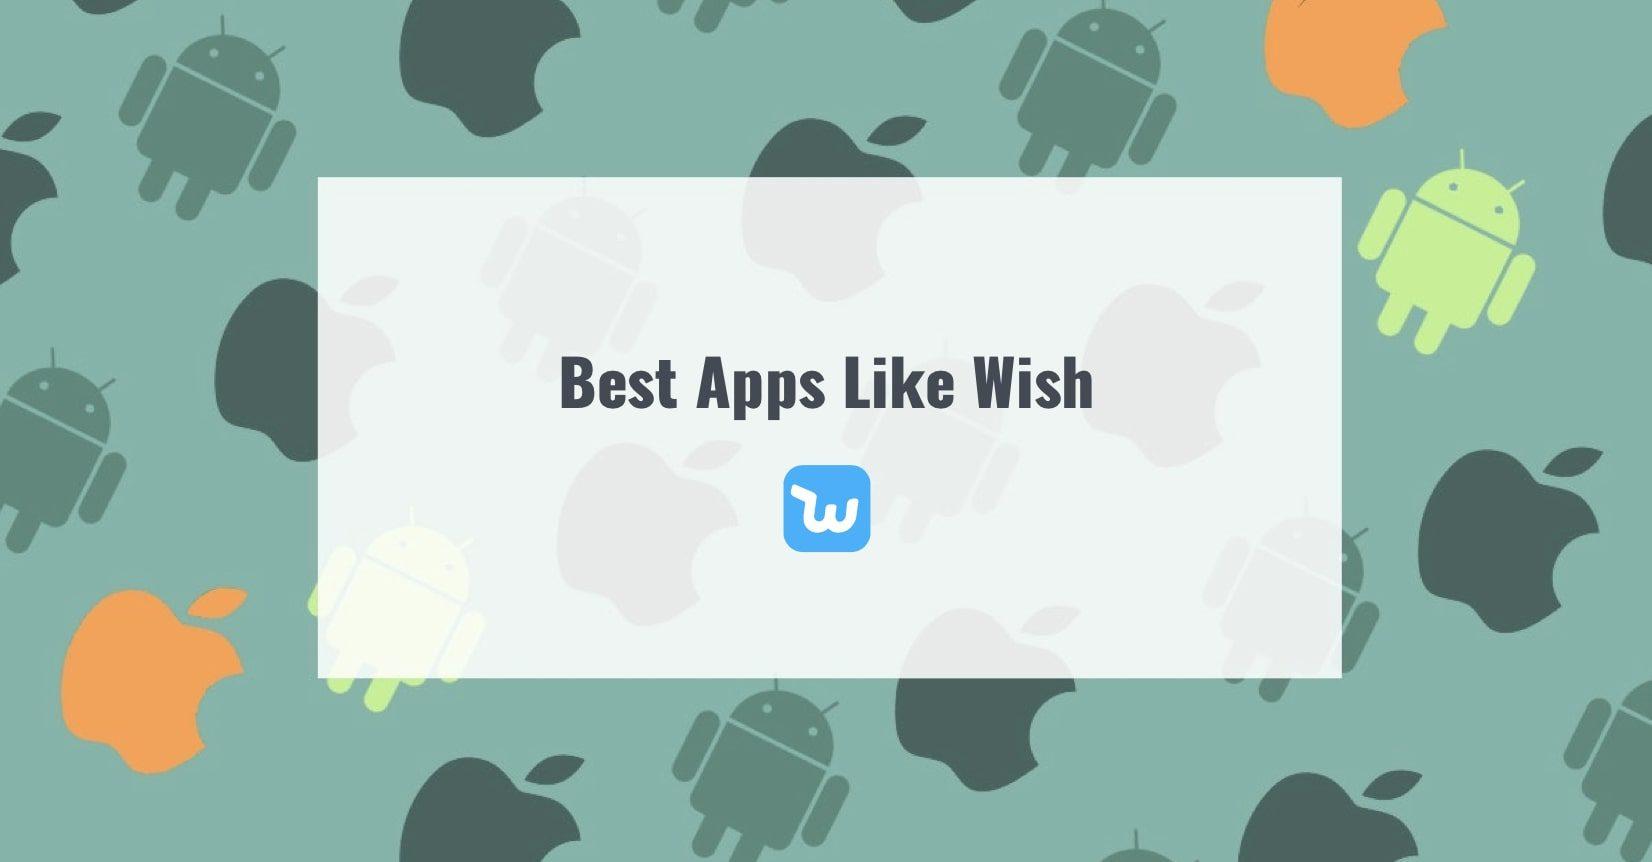 Best Apps Like Wish